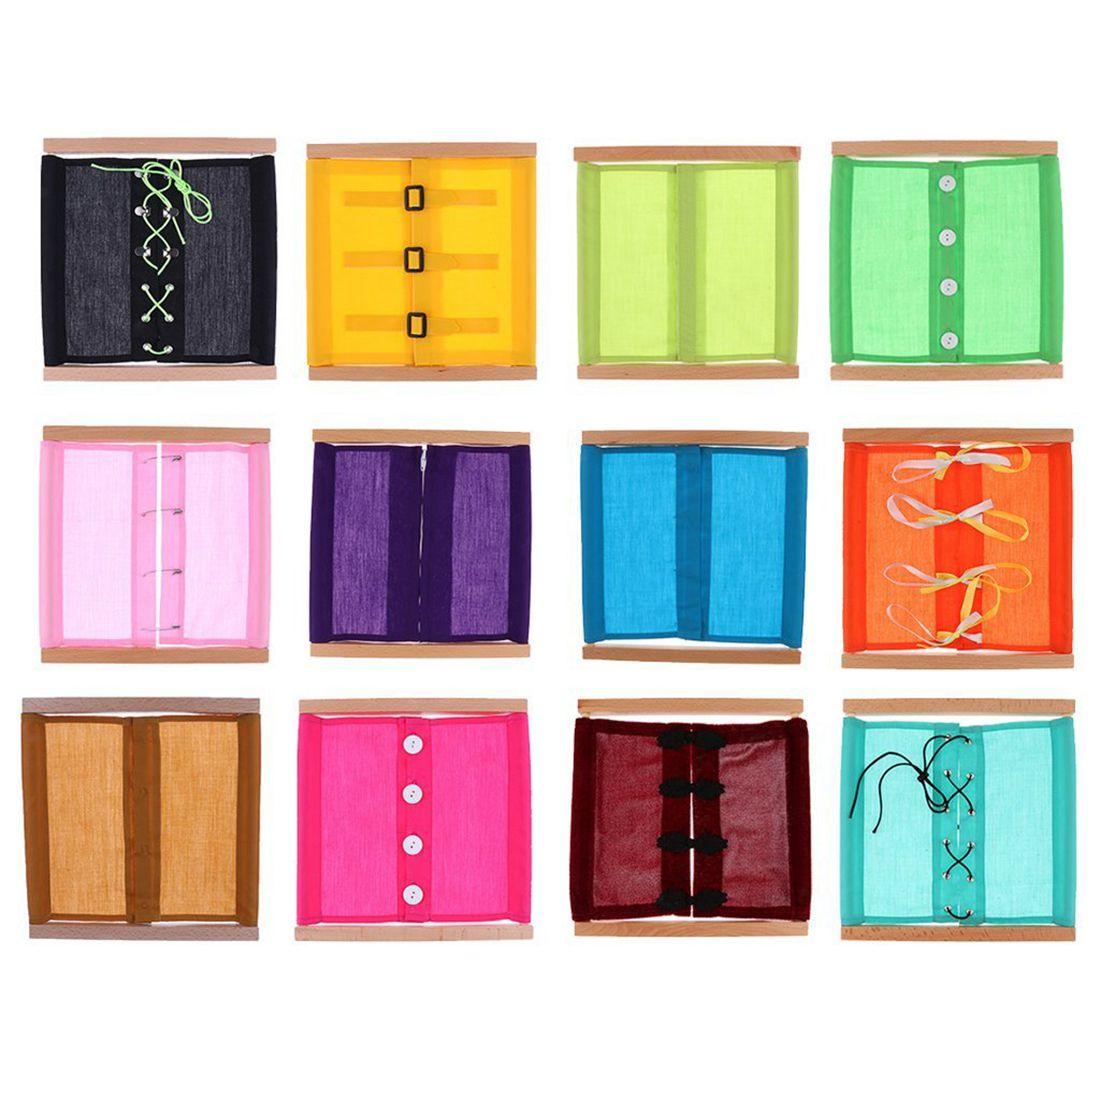 12 pièces matériel Montessori Vie pratique l'éducation préscolaire enfants de jouet en bois